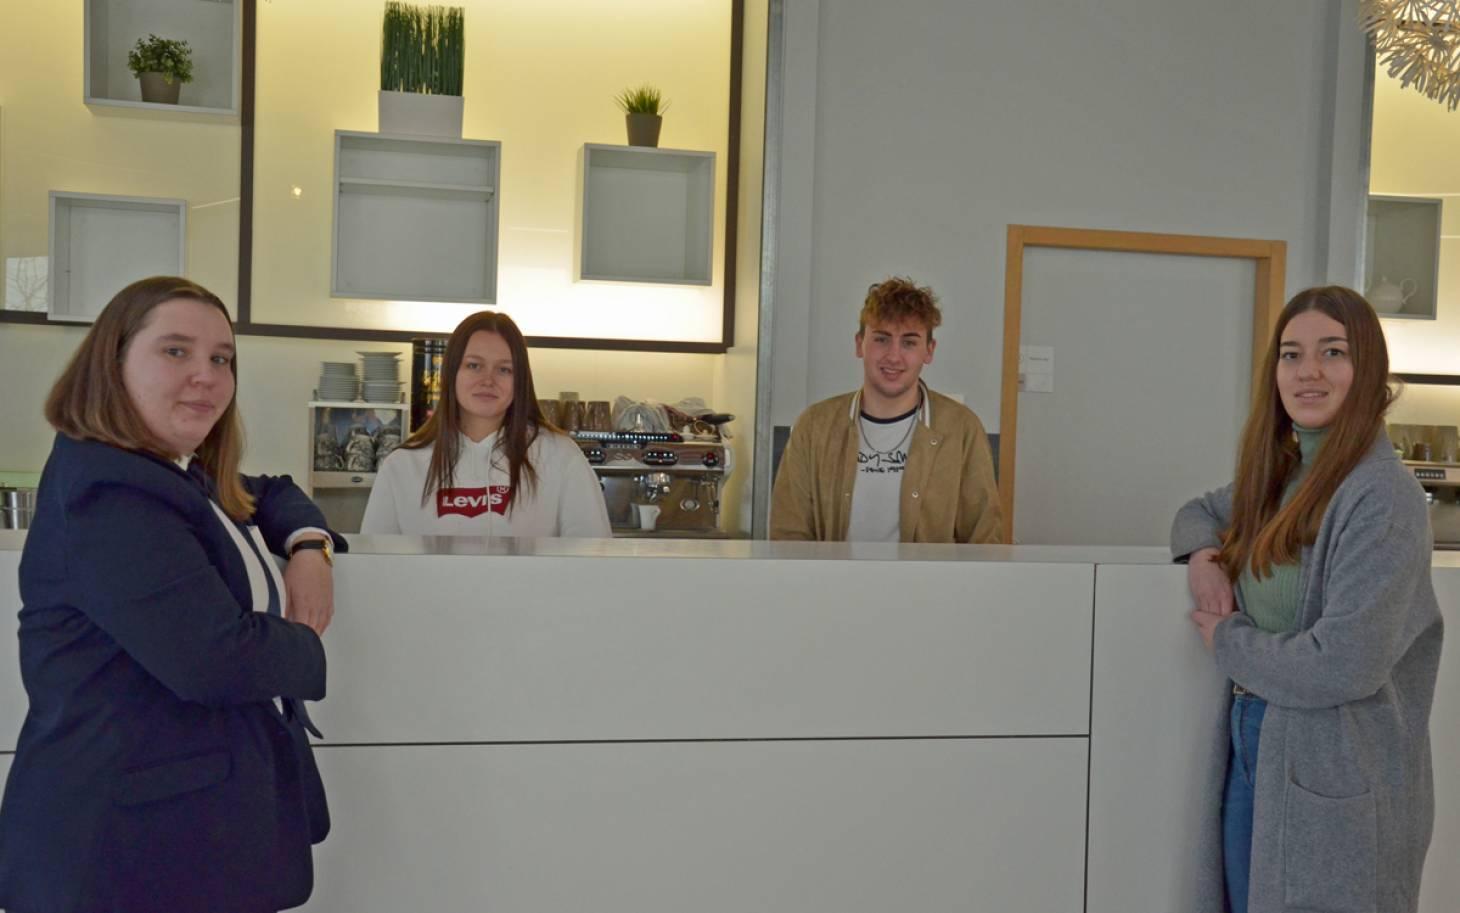 Hôtellerie-restauration: les étudiants ont faim d'avenir